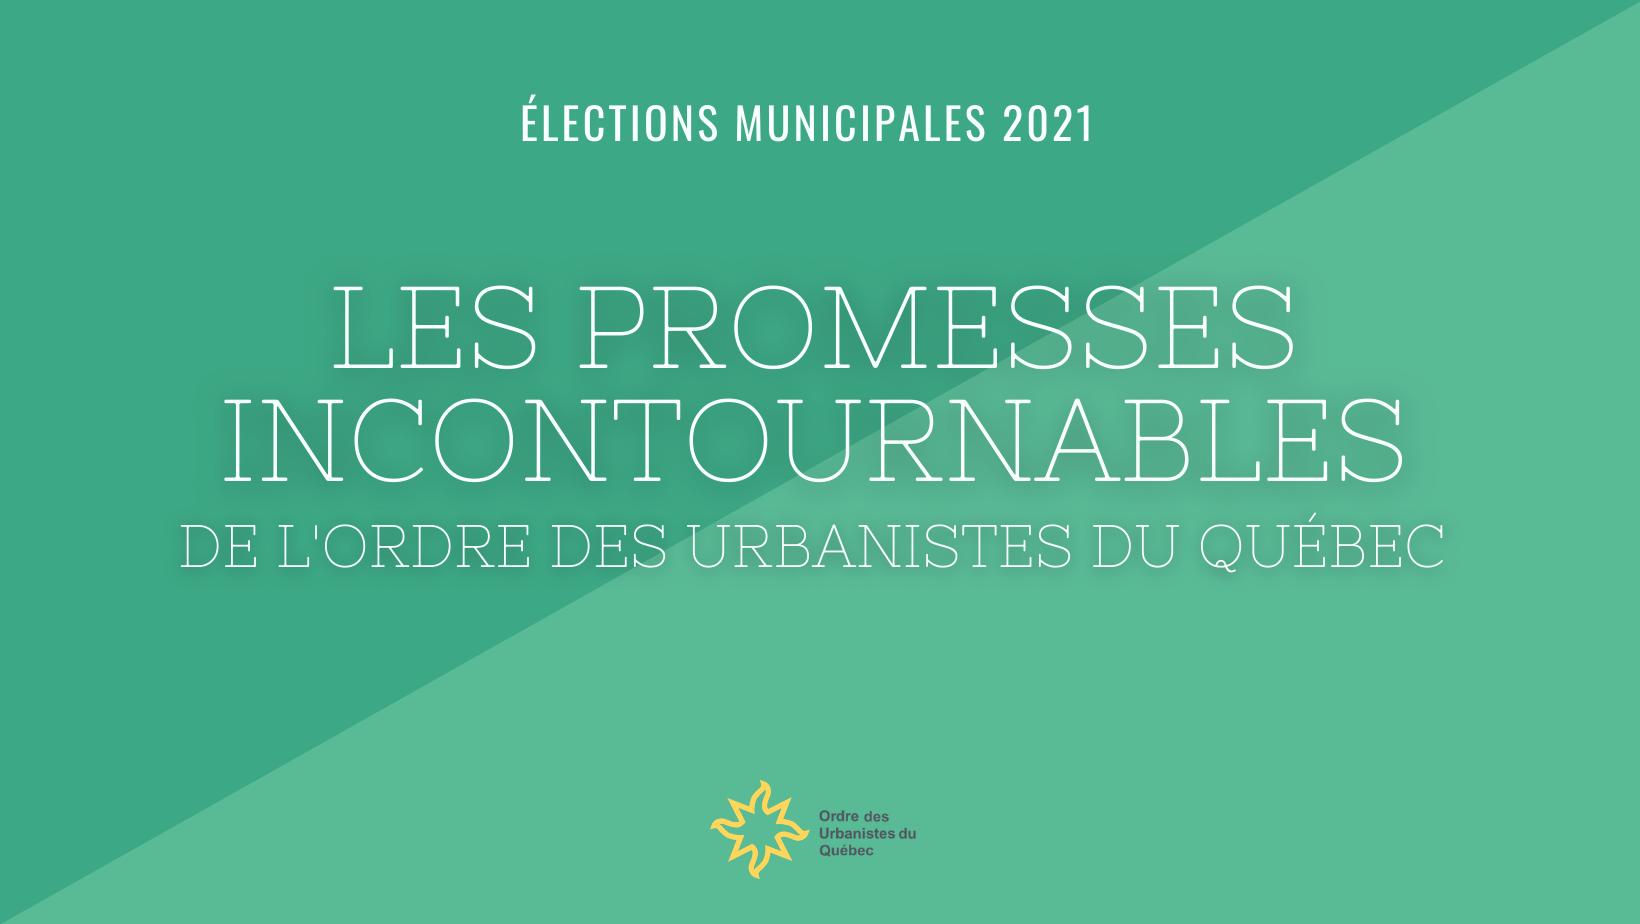 OUQ - Élections municipales 2021 : les promesses incontournables selon l'Ordre